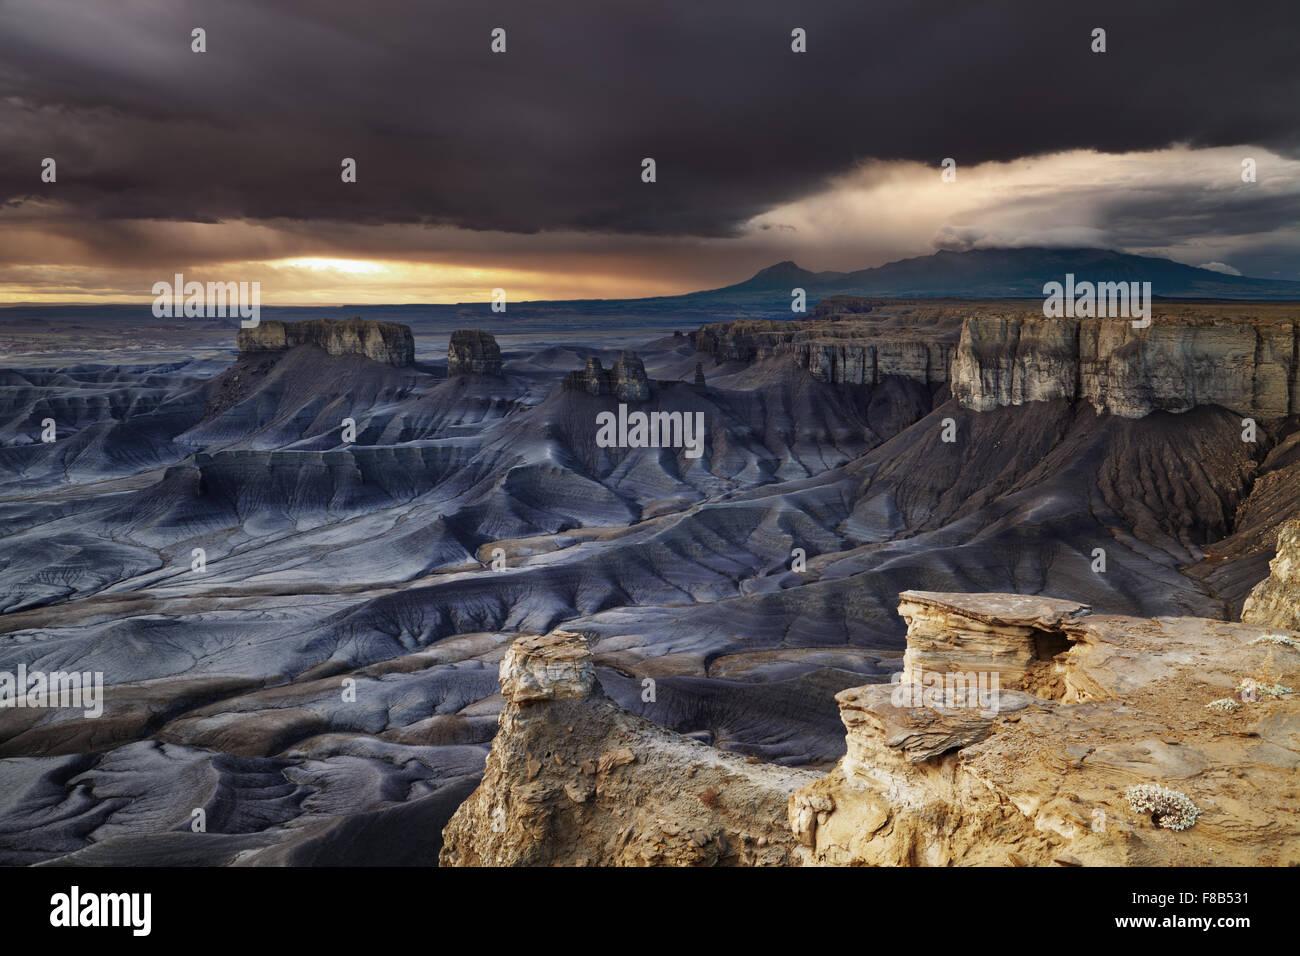 Donnent sur le paysage lunaire au lever du soleil dans le désert de l'Utah, USA Photo Stock